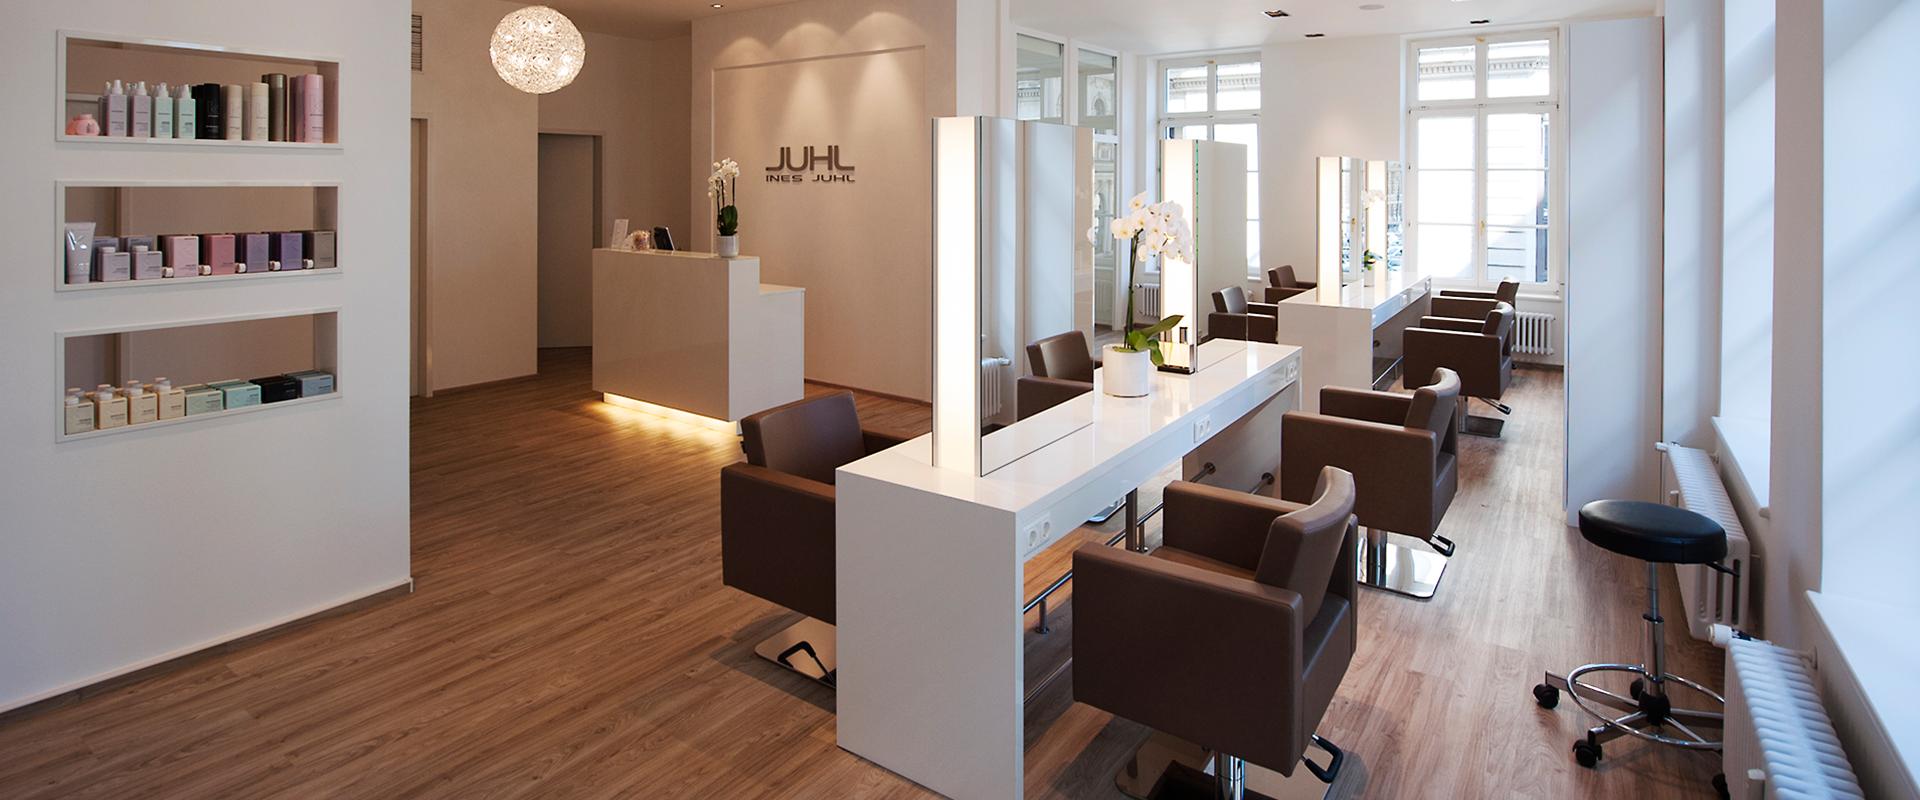 Ladeneinrichtung Friseur,Koepke und Kasiske,Tischlerei Rügen,Moebel- und Ladenbau